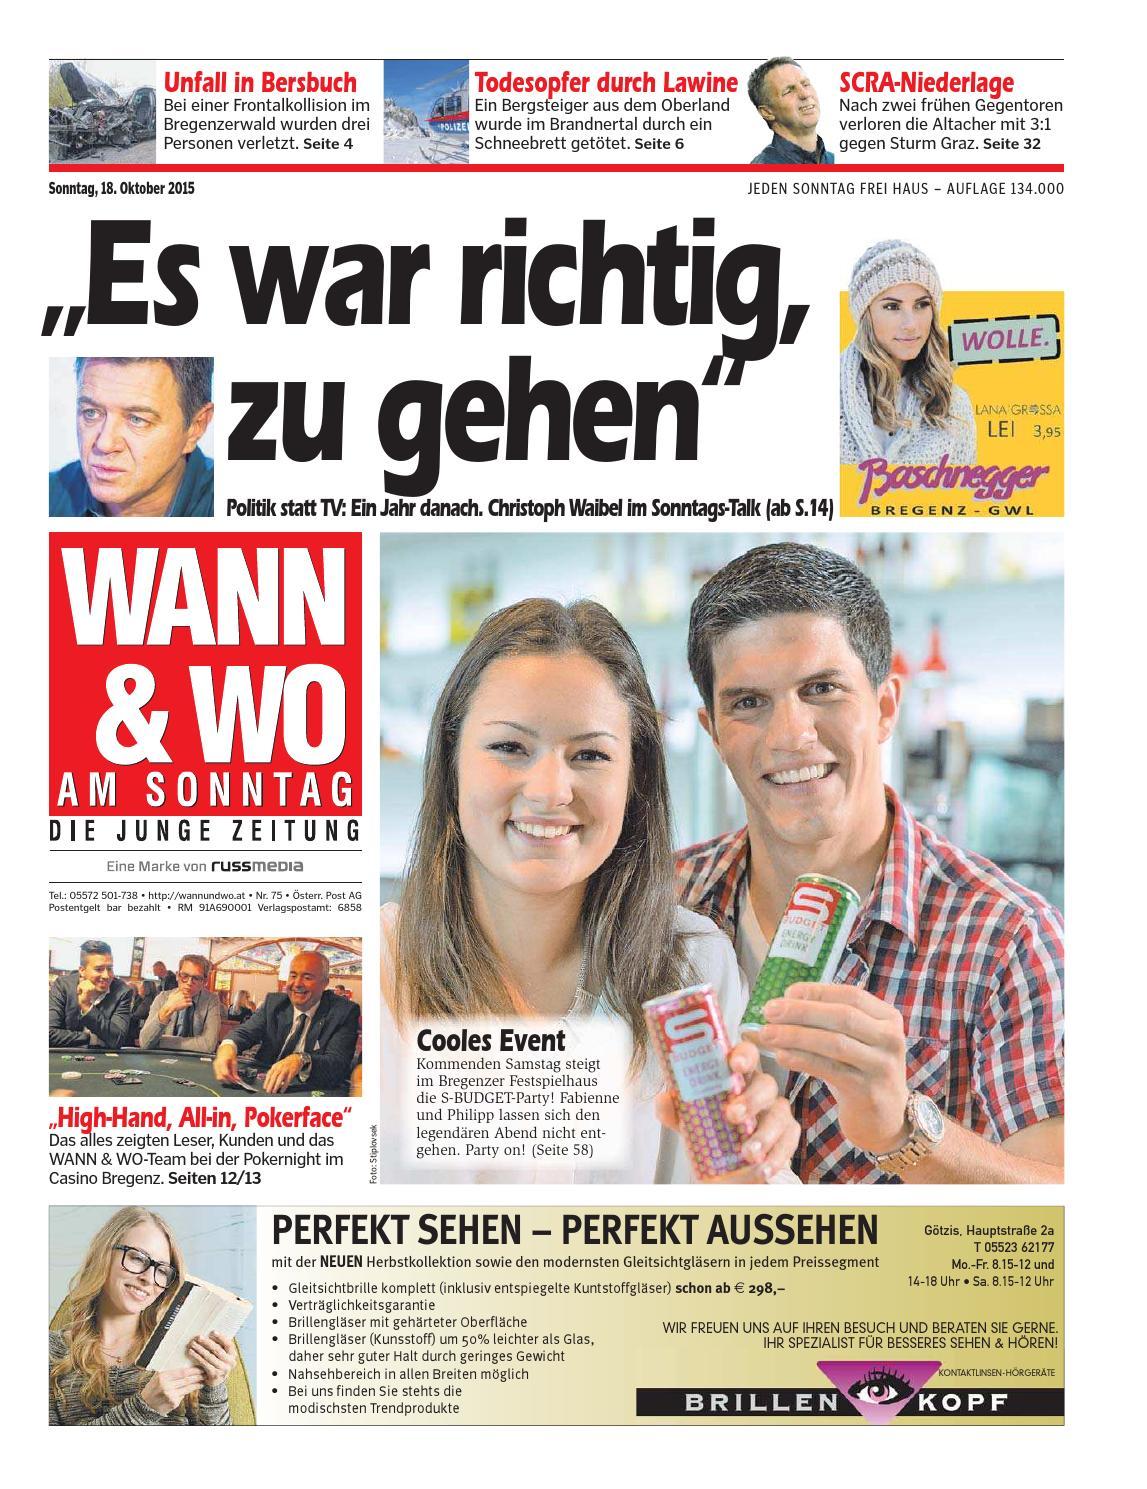 Hobby Huren in Hohenems: Reale Frauen treffen | Dating